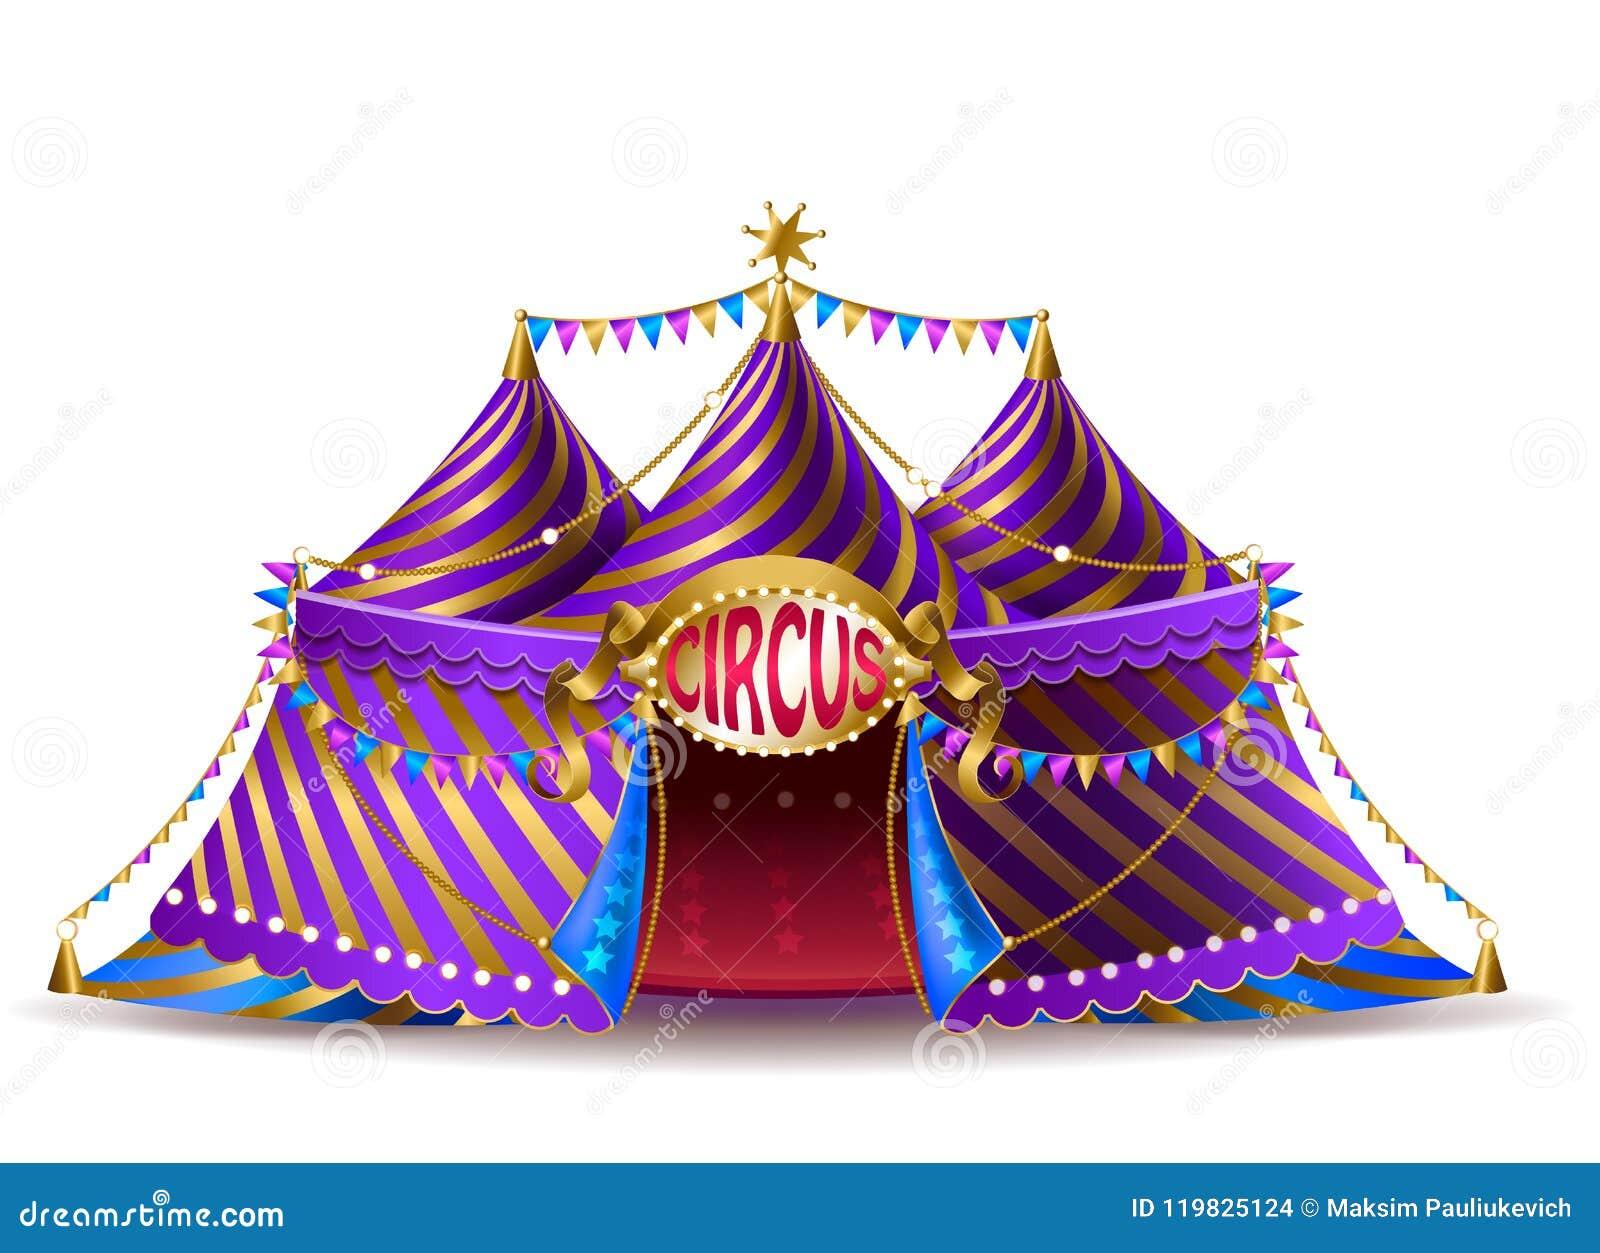 Tenda do circus listrada do vetor para desempenhos